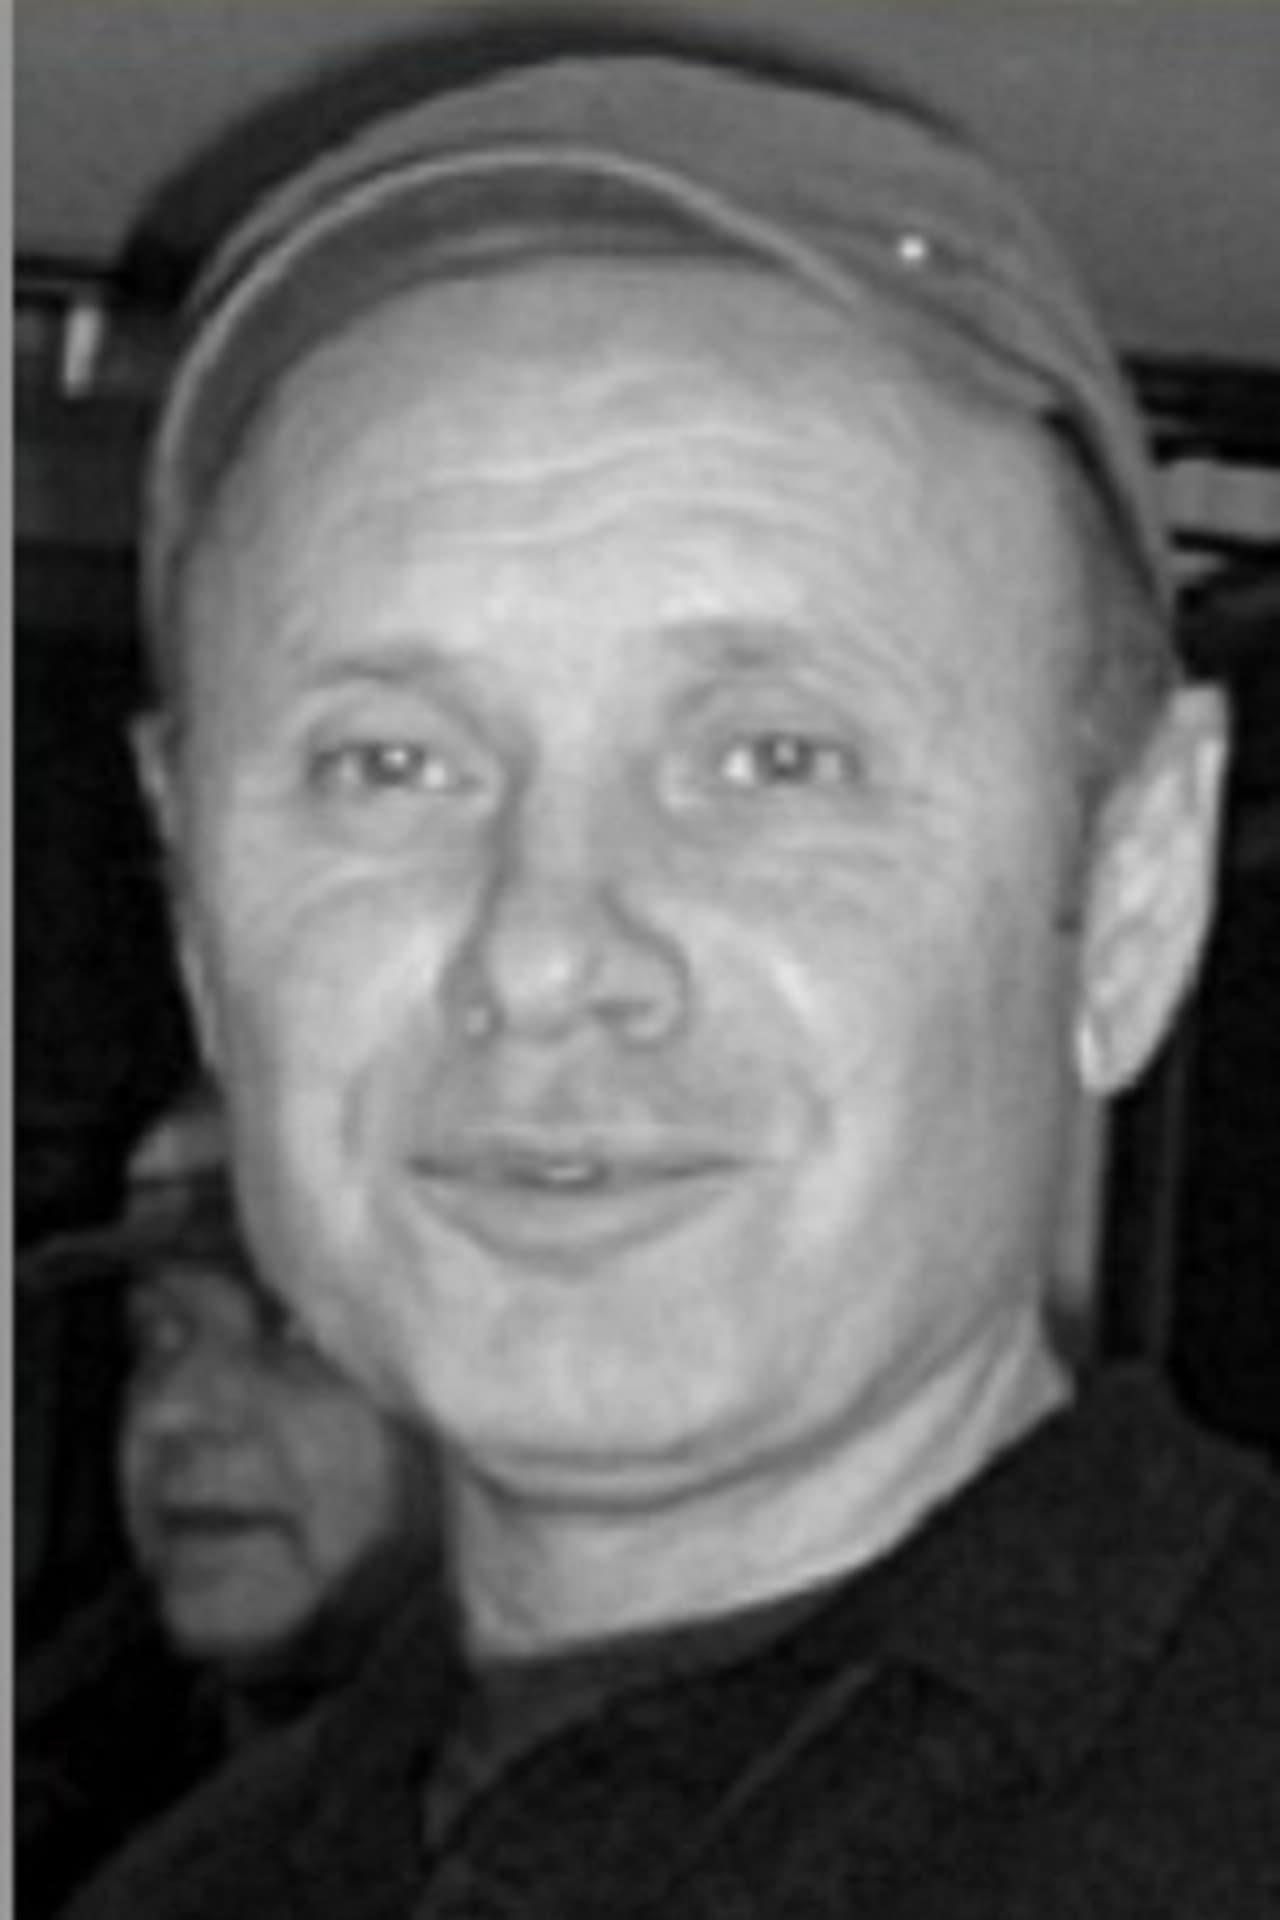 Aleksei Chugunov